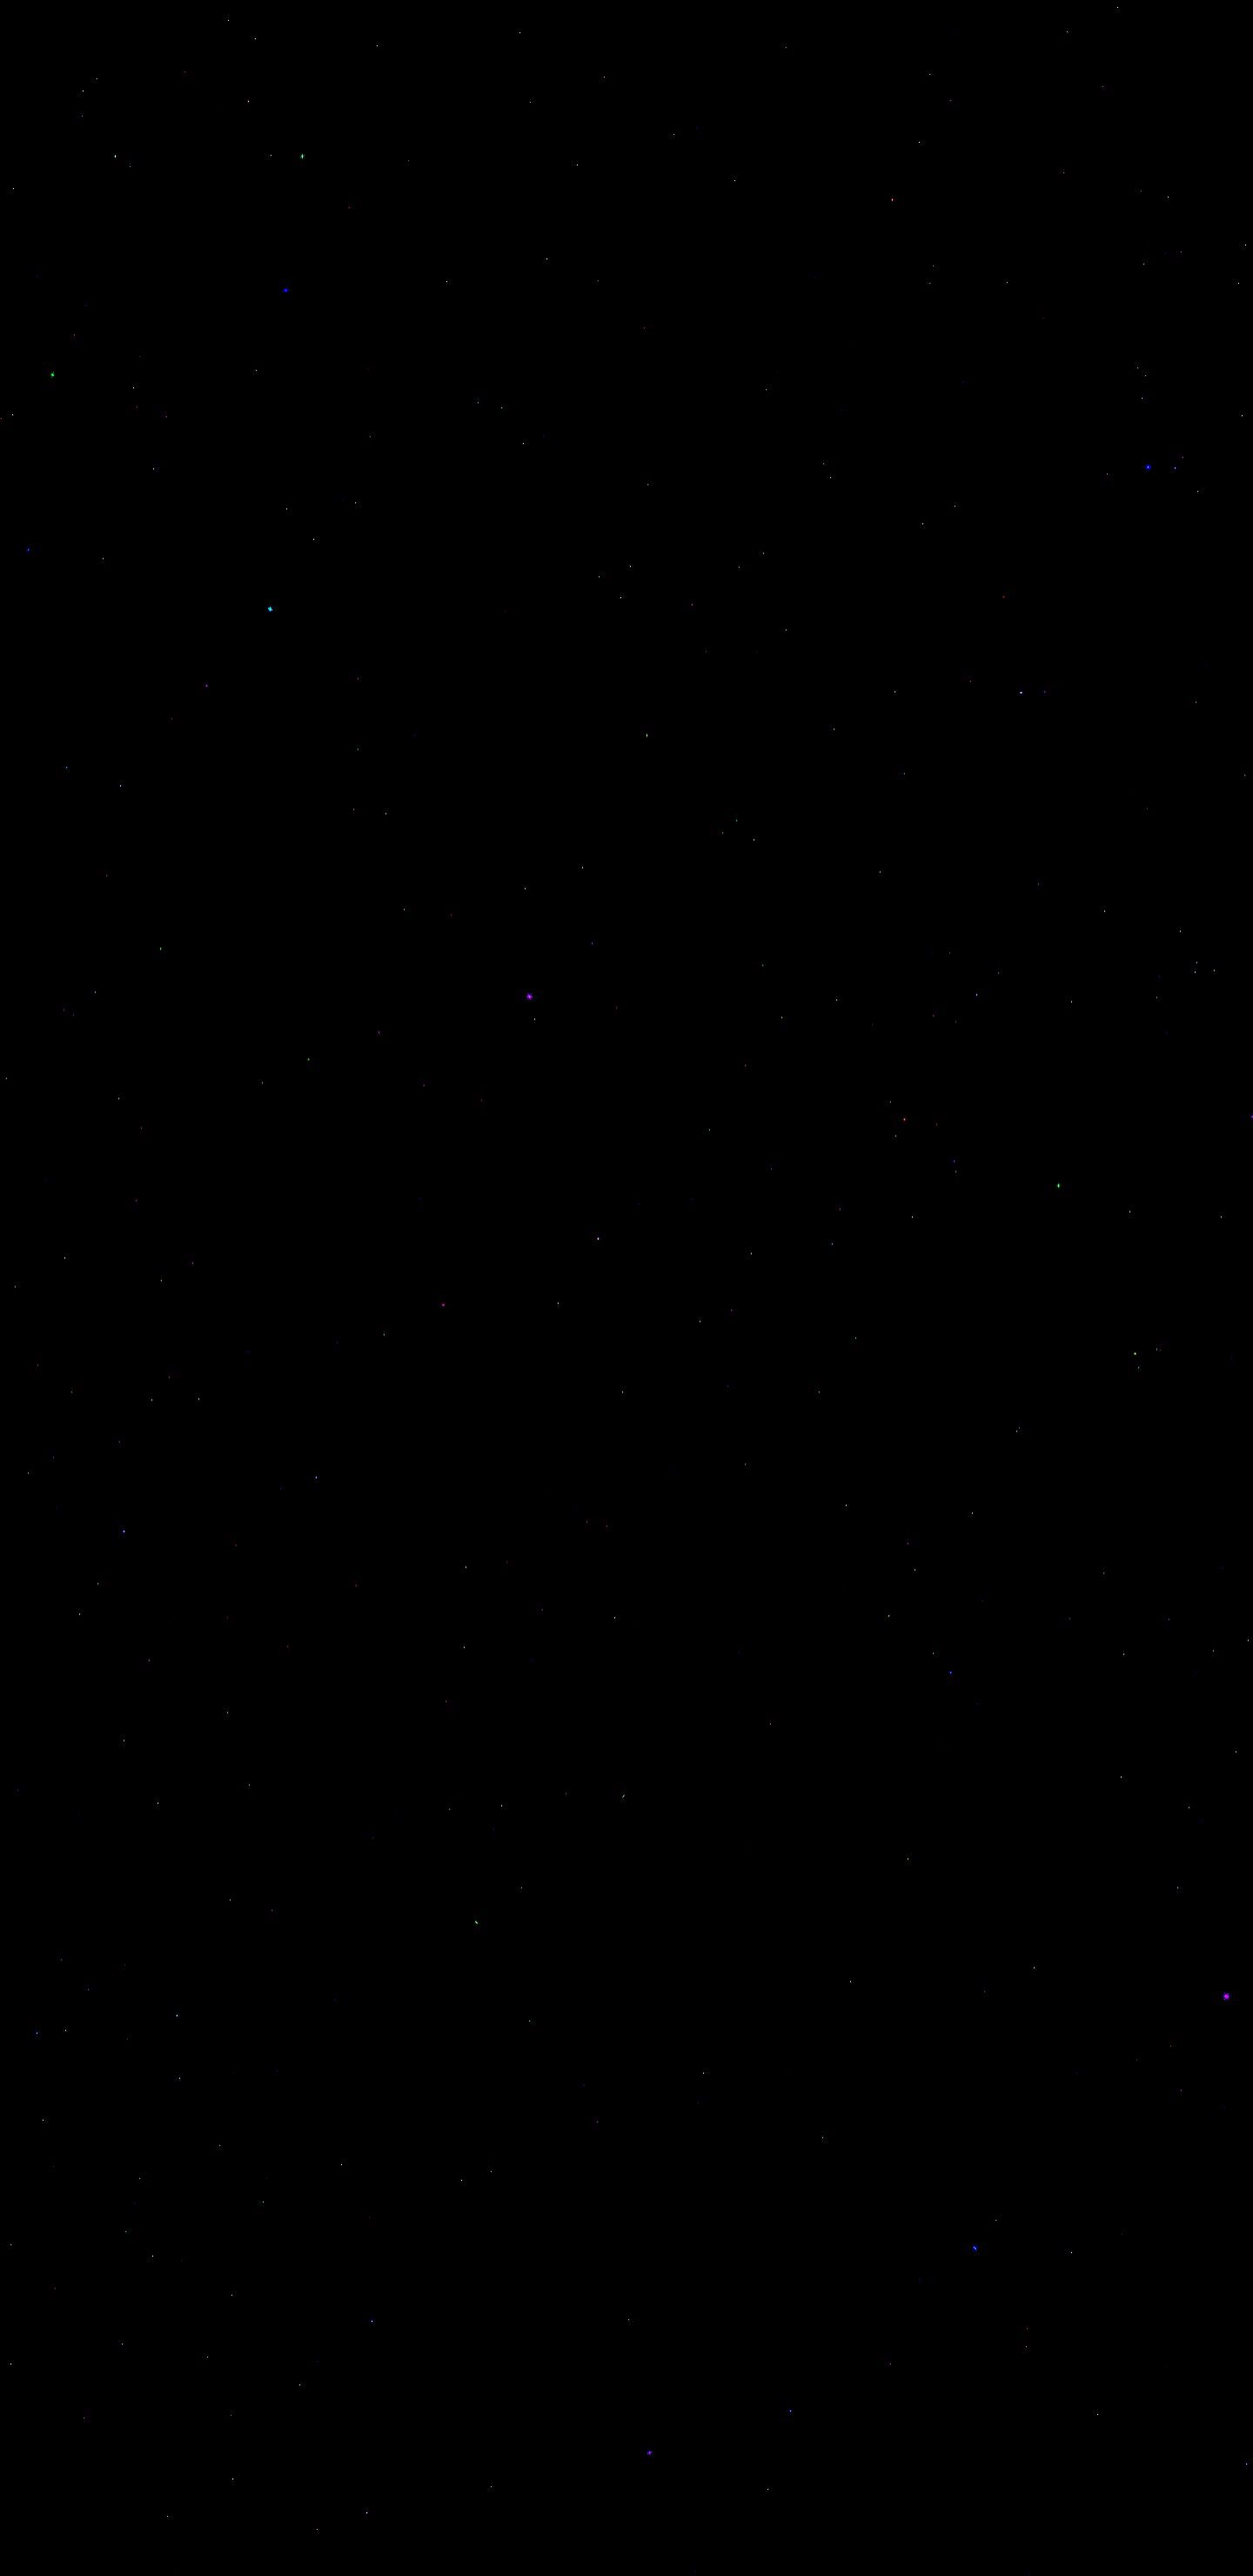 67777 скачать обои Абстракция, Черный, Темный, Фон - заставки и картинки бесплатно